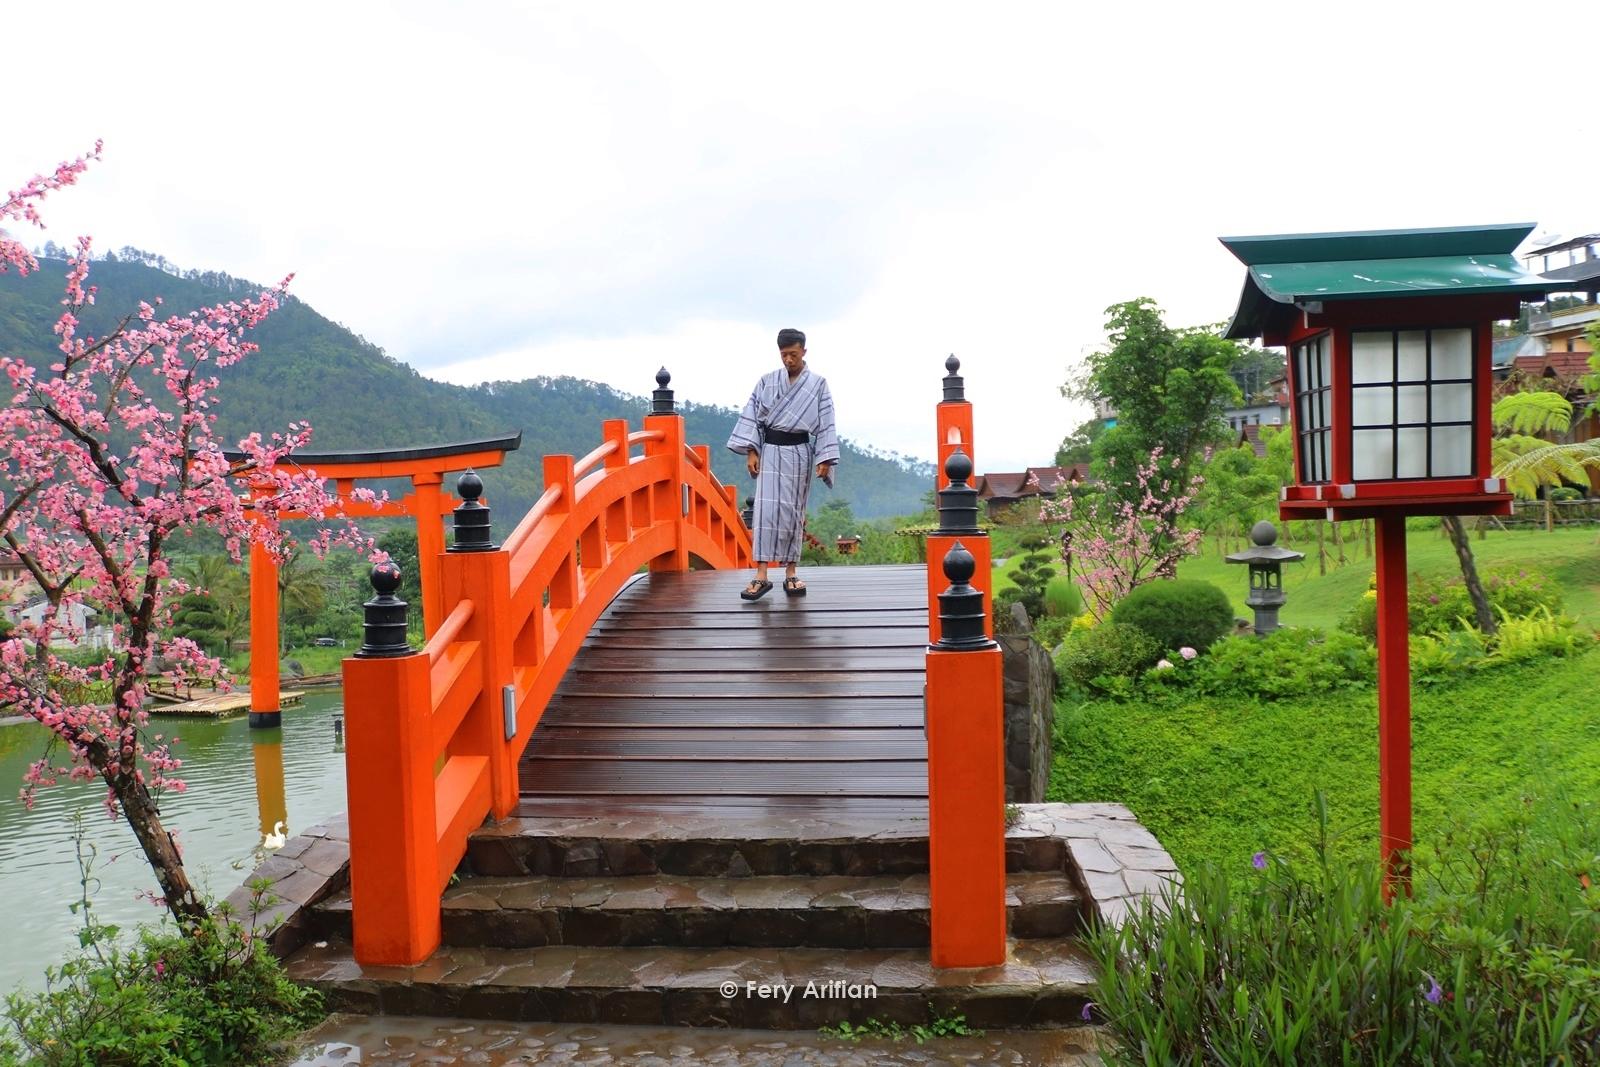 Sehari Menjadi Orang Jepang Di The Onsen Hot Spring Resort Batu Fery Arifian